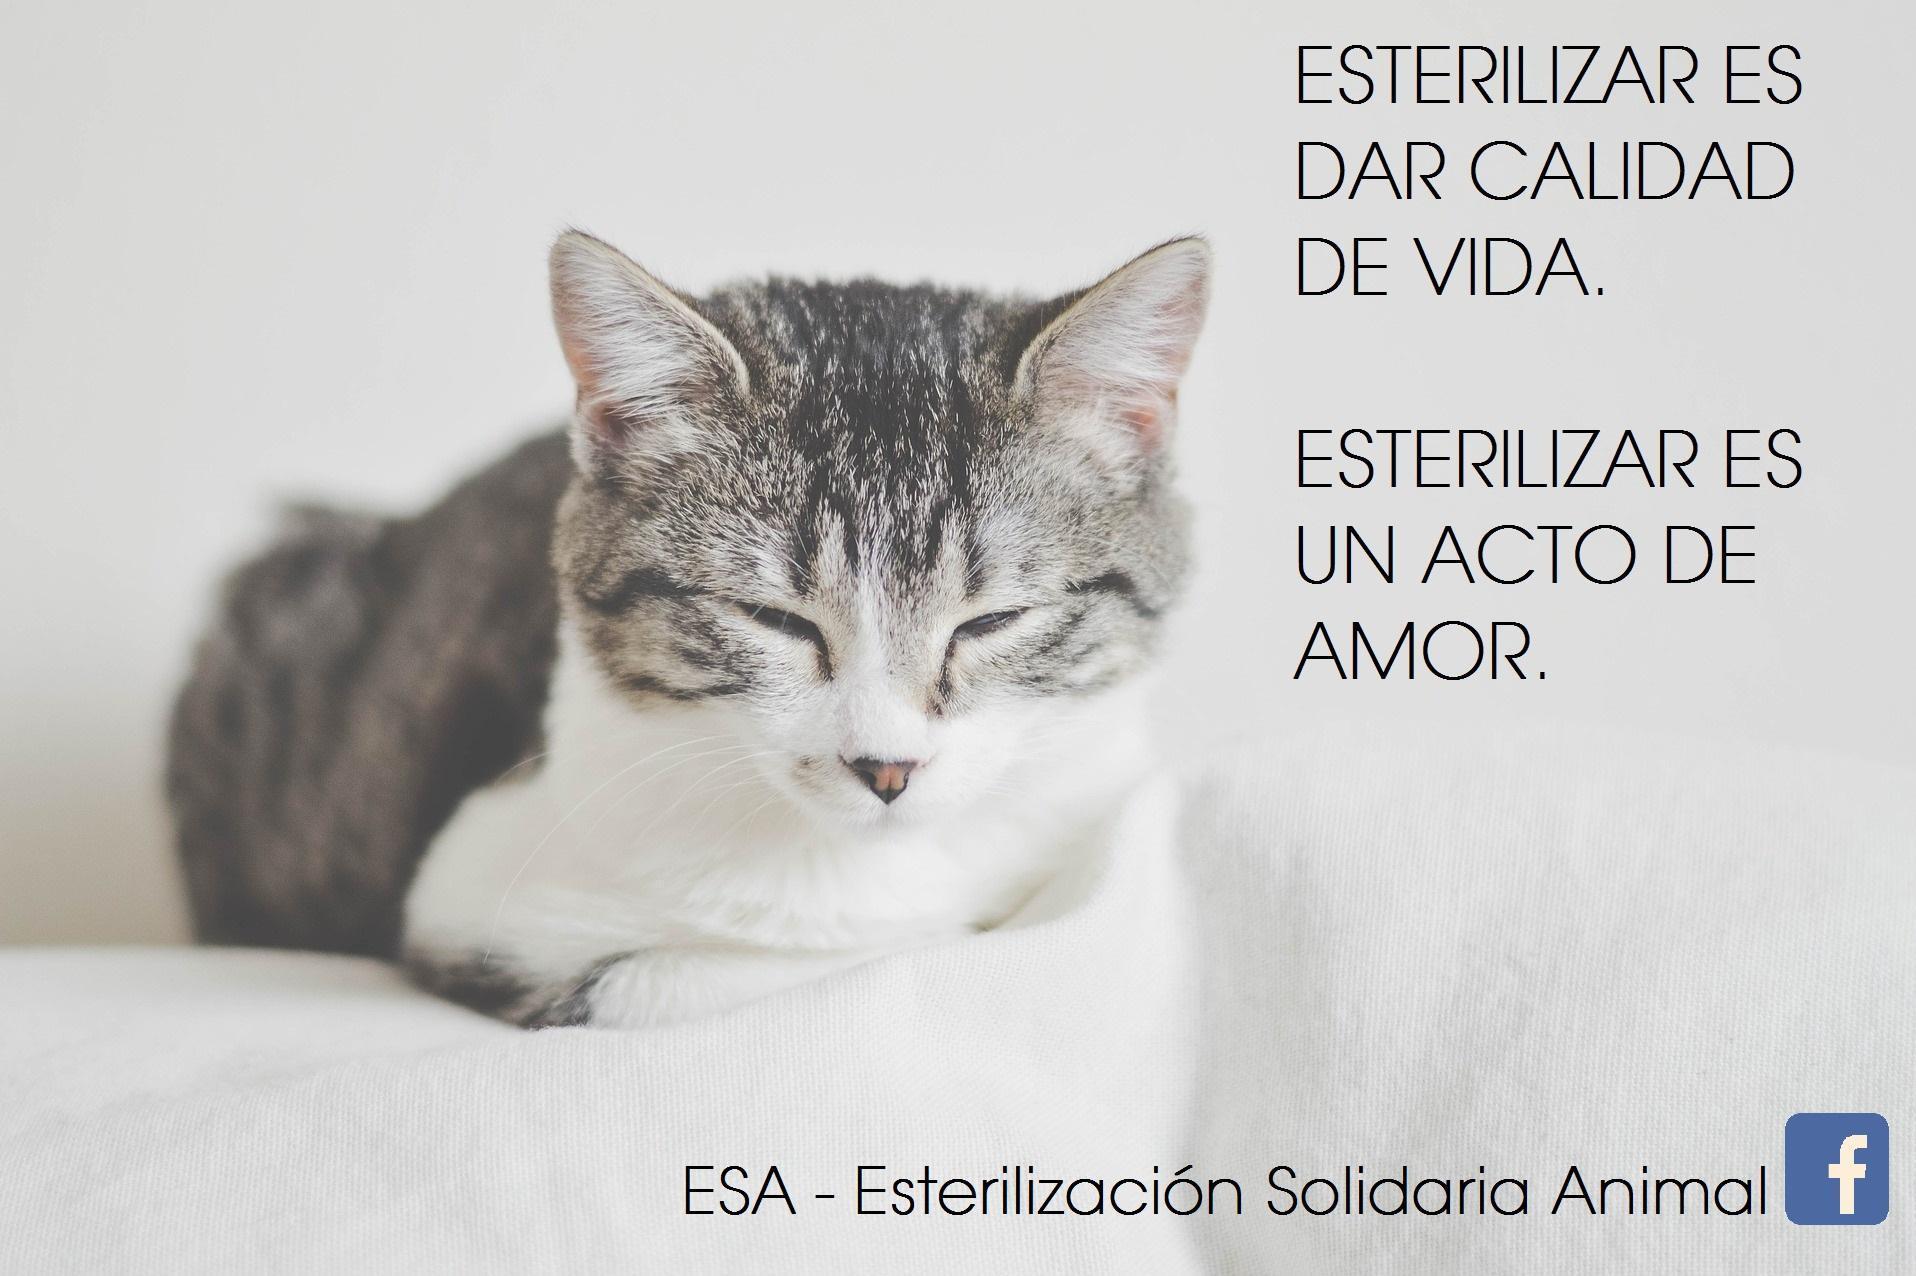 ESA - Esterilización Solidaria Animal